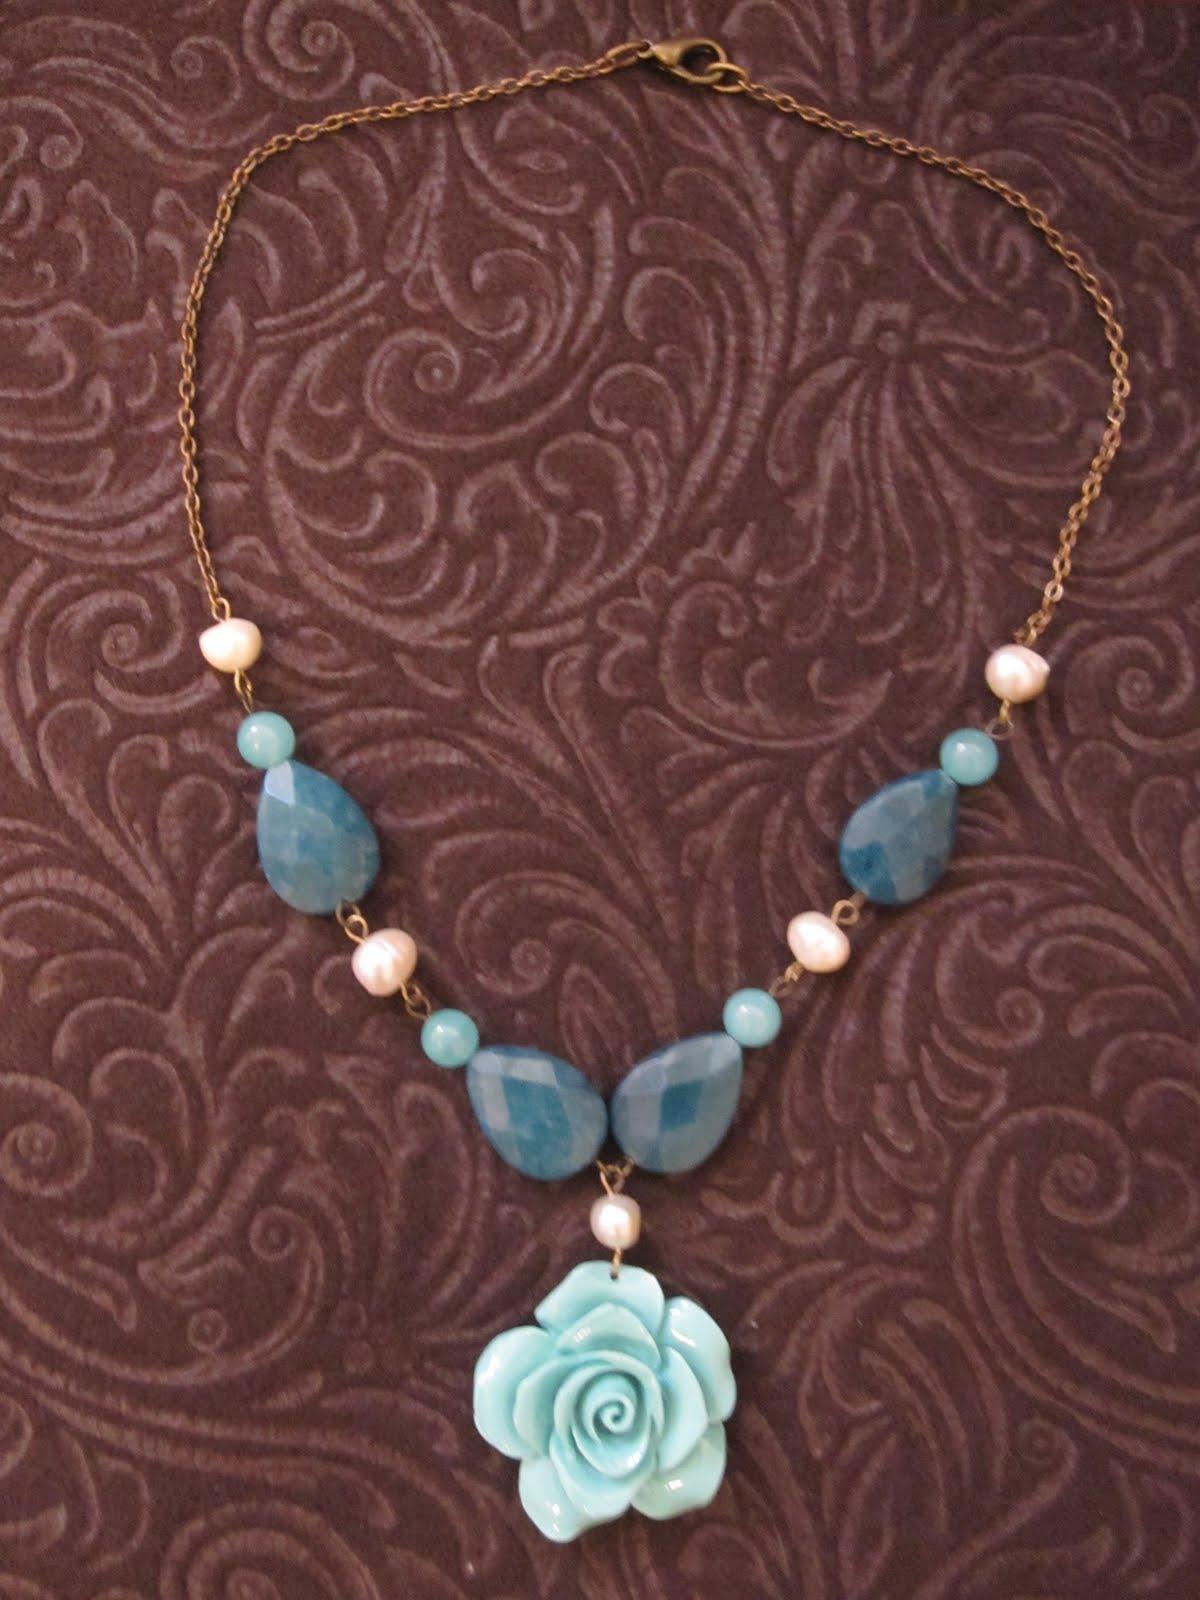 Collar corto en dorado antiguo con colgante de flor turquesa, cuentas pequeñas también turquesas, lágrimas de jade verde facetado, perlas de río y cadena en